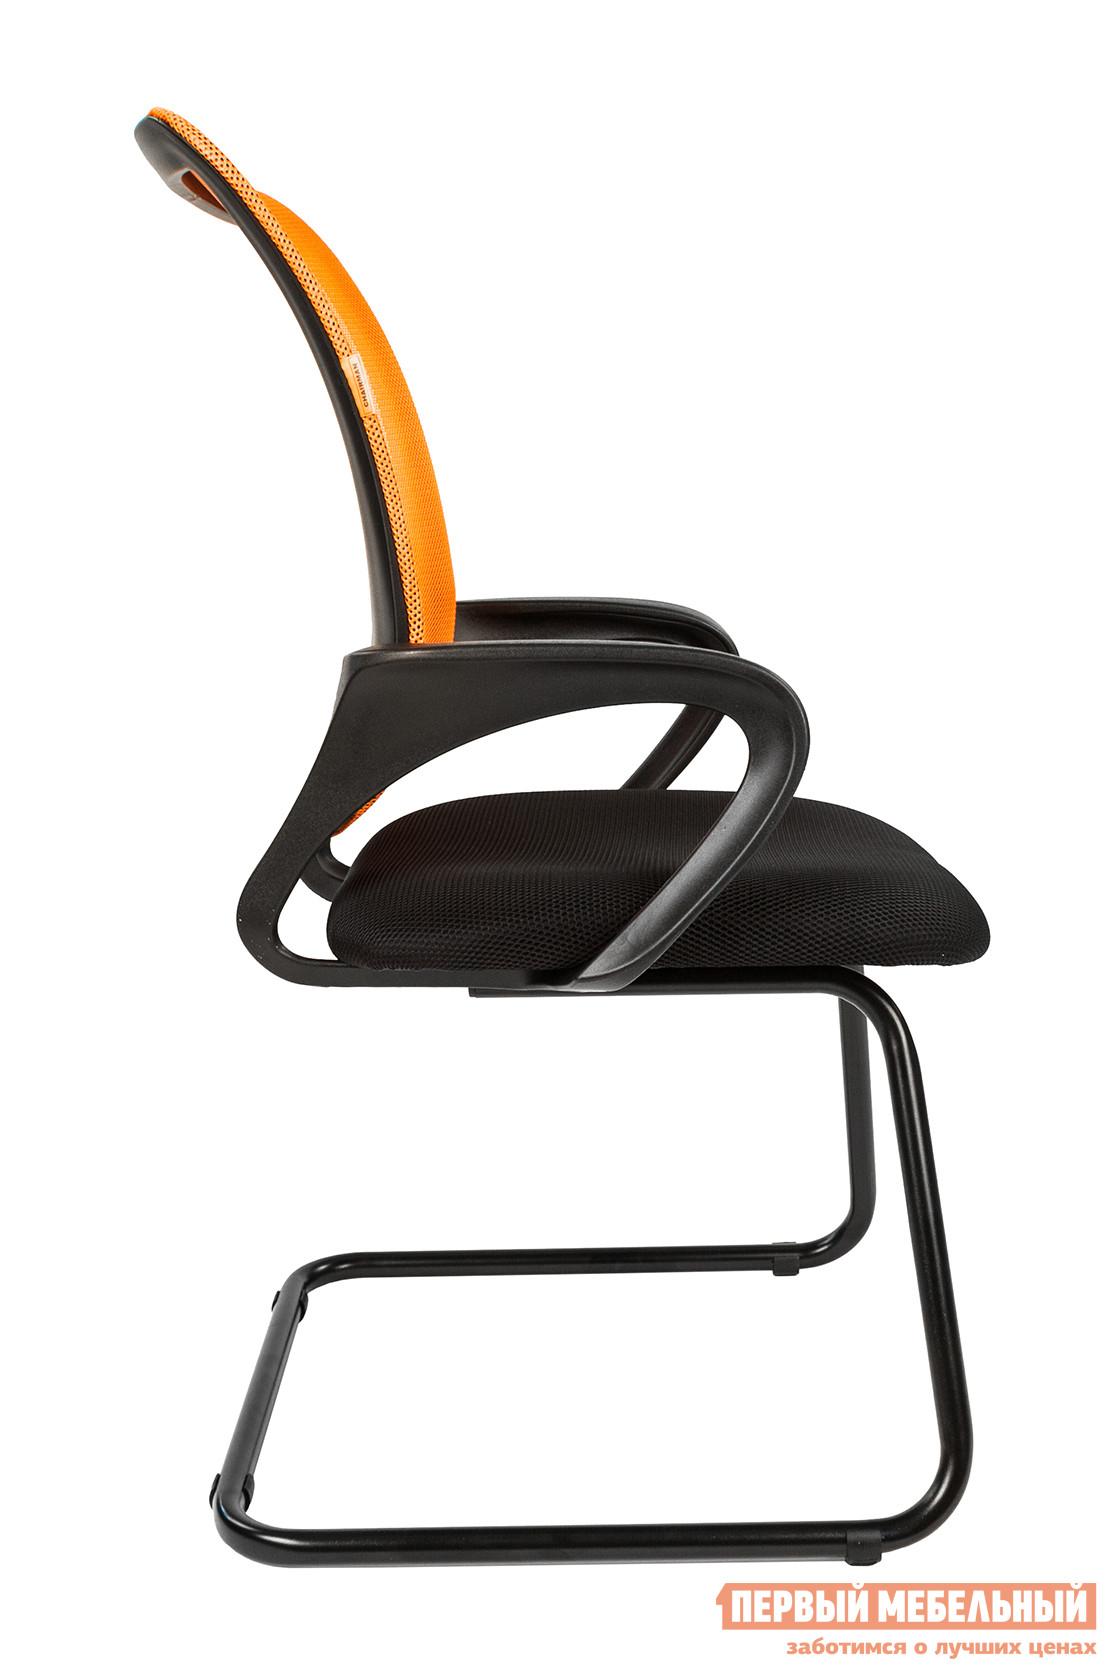 Офисный стул  CHAIRMAN 969 V Сетка TW-66 оранж. / Ткань TW-11 черн.